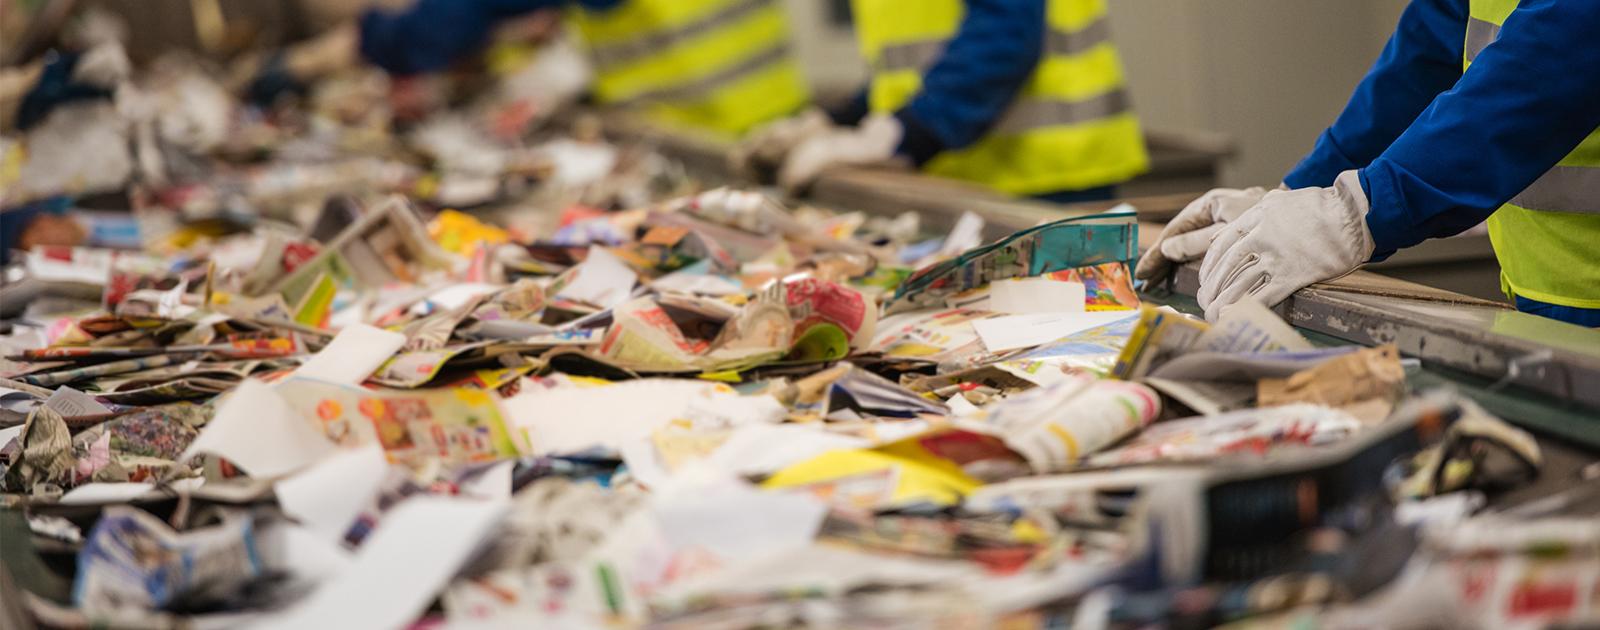 Economie circulaire : vers un monde sans déchets ?